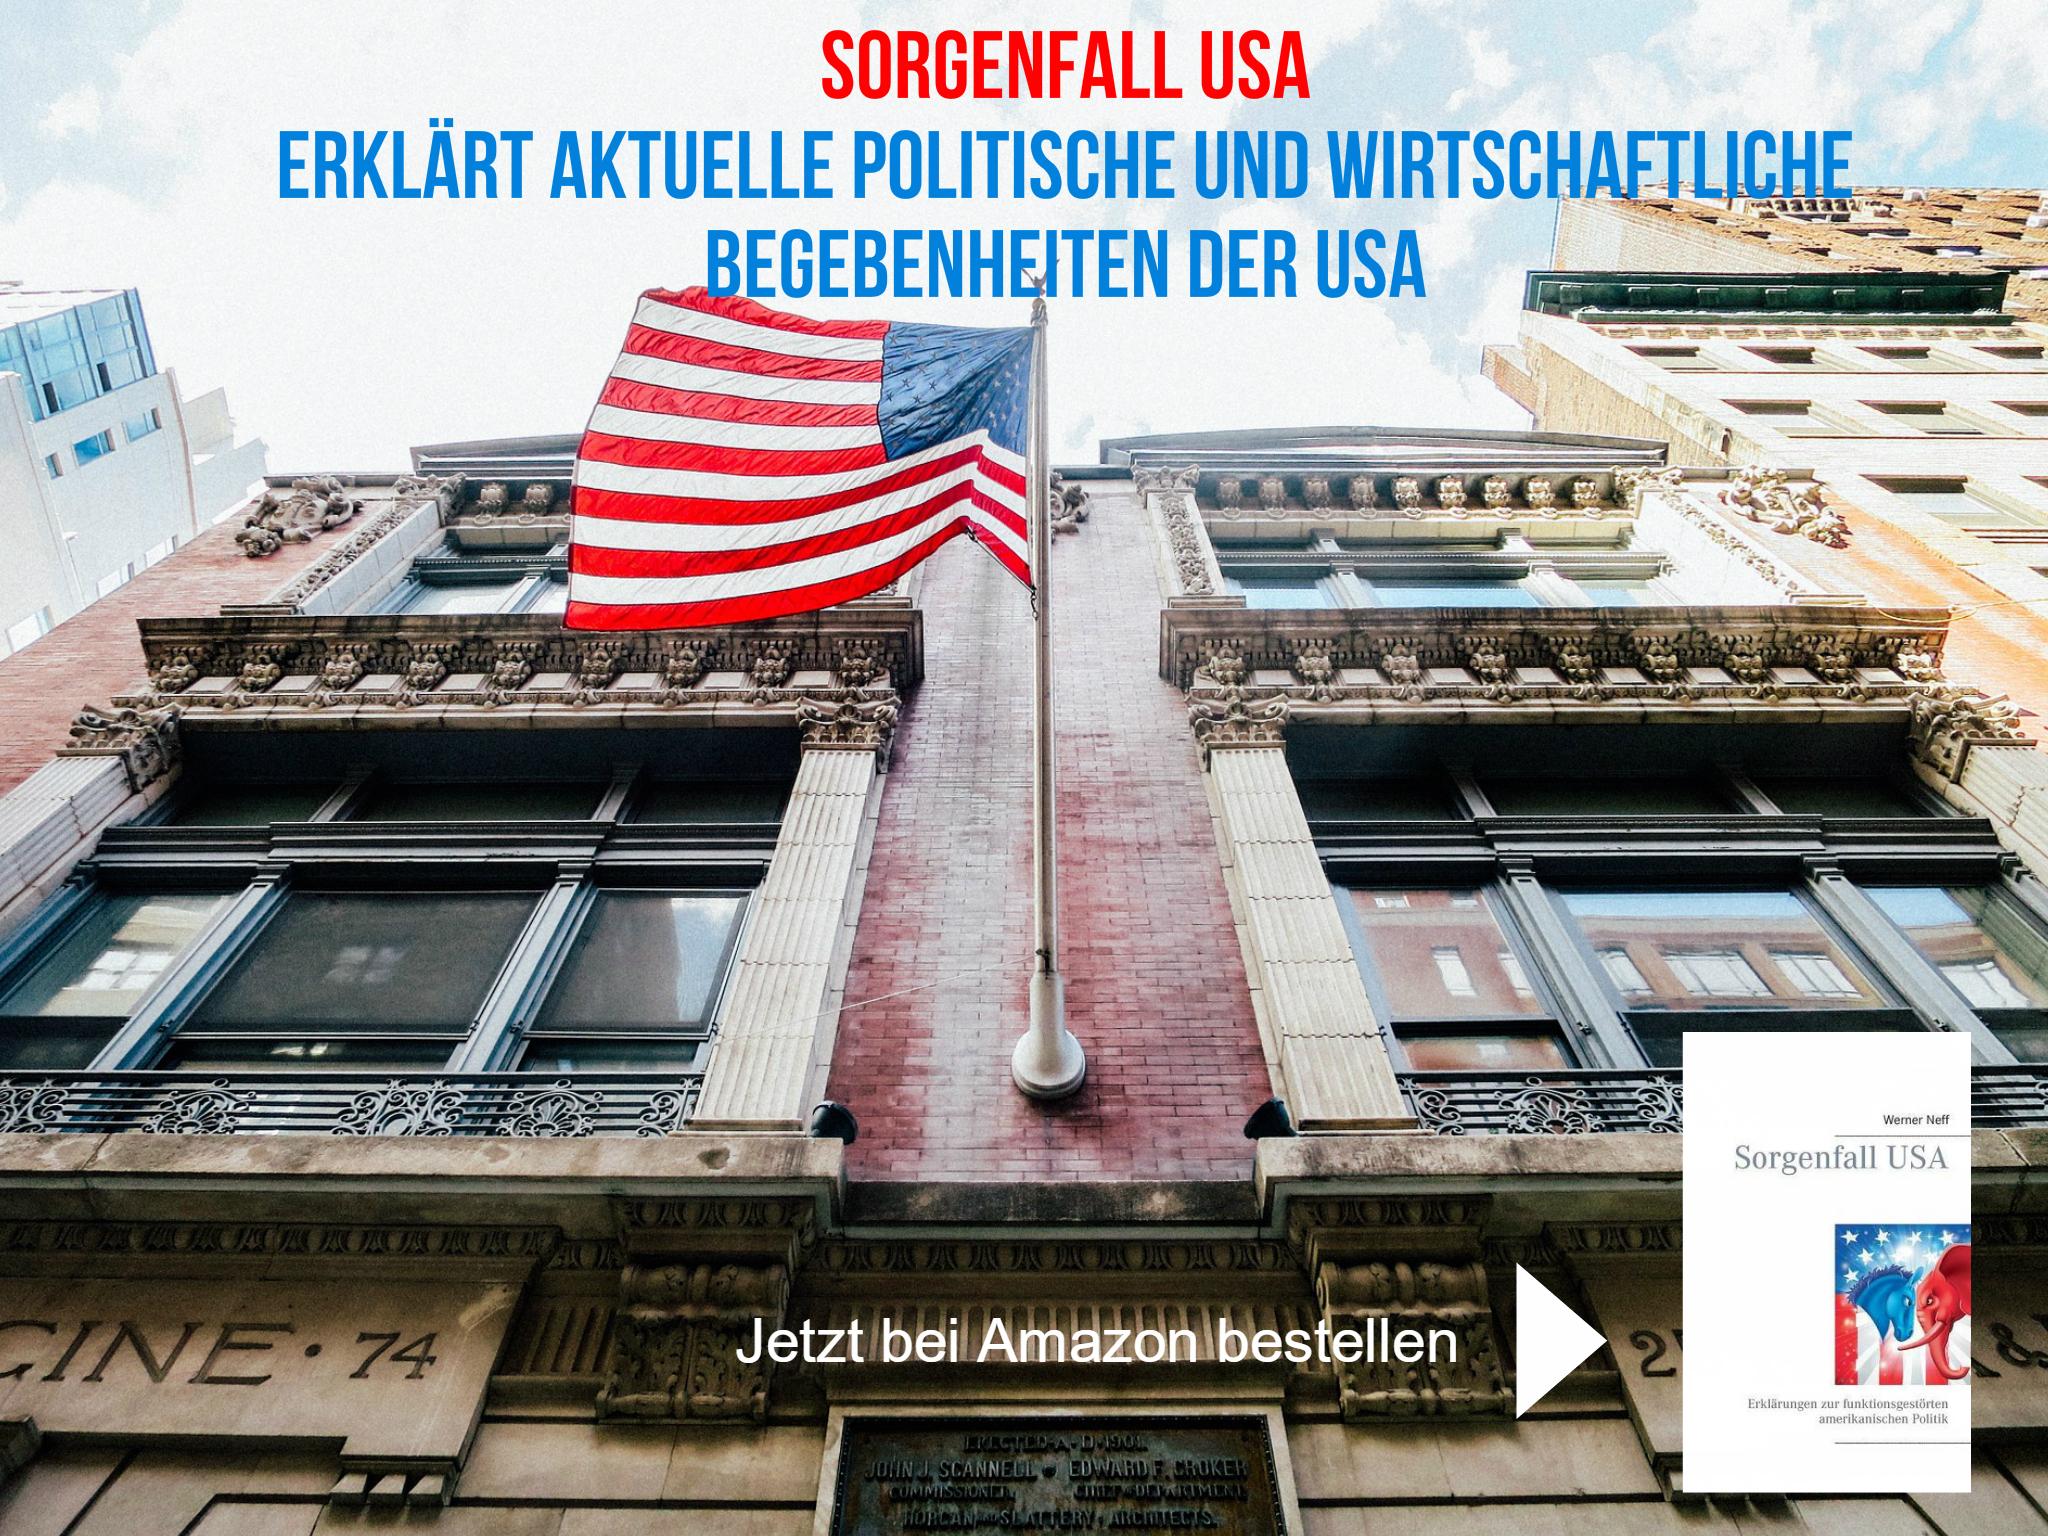 politische und wirtschaftliche Begebenheiten der USA - Sorgenfall USA